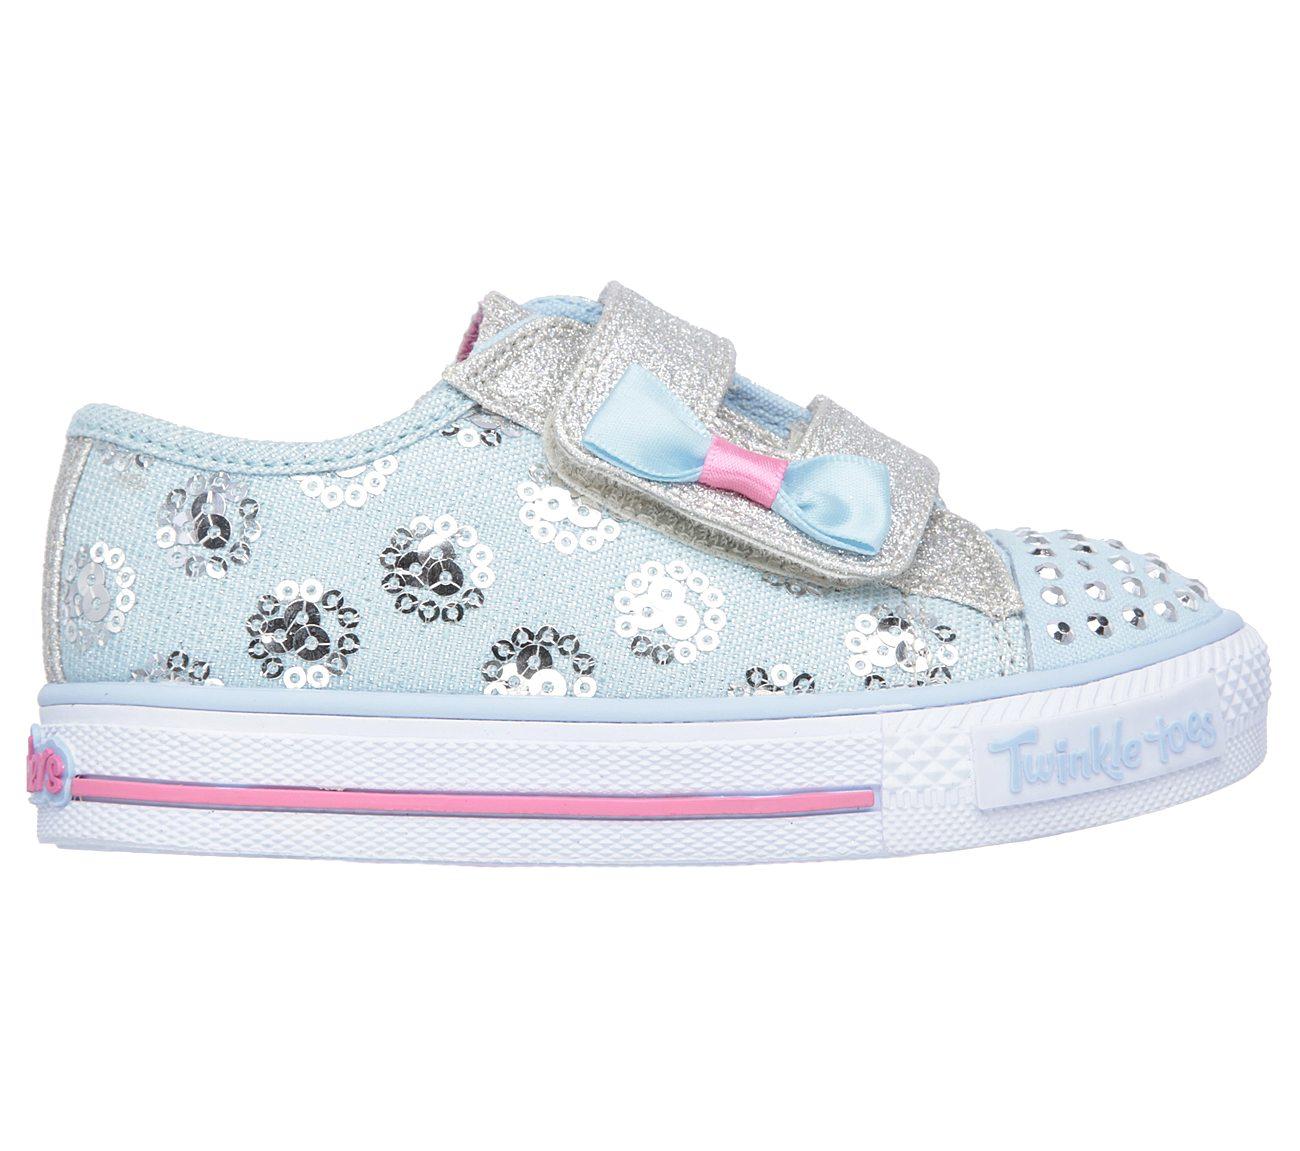 Blue Skechers Twinkle Toes Shuffles Sparkle Lite S Lights